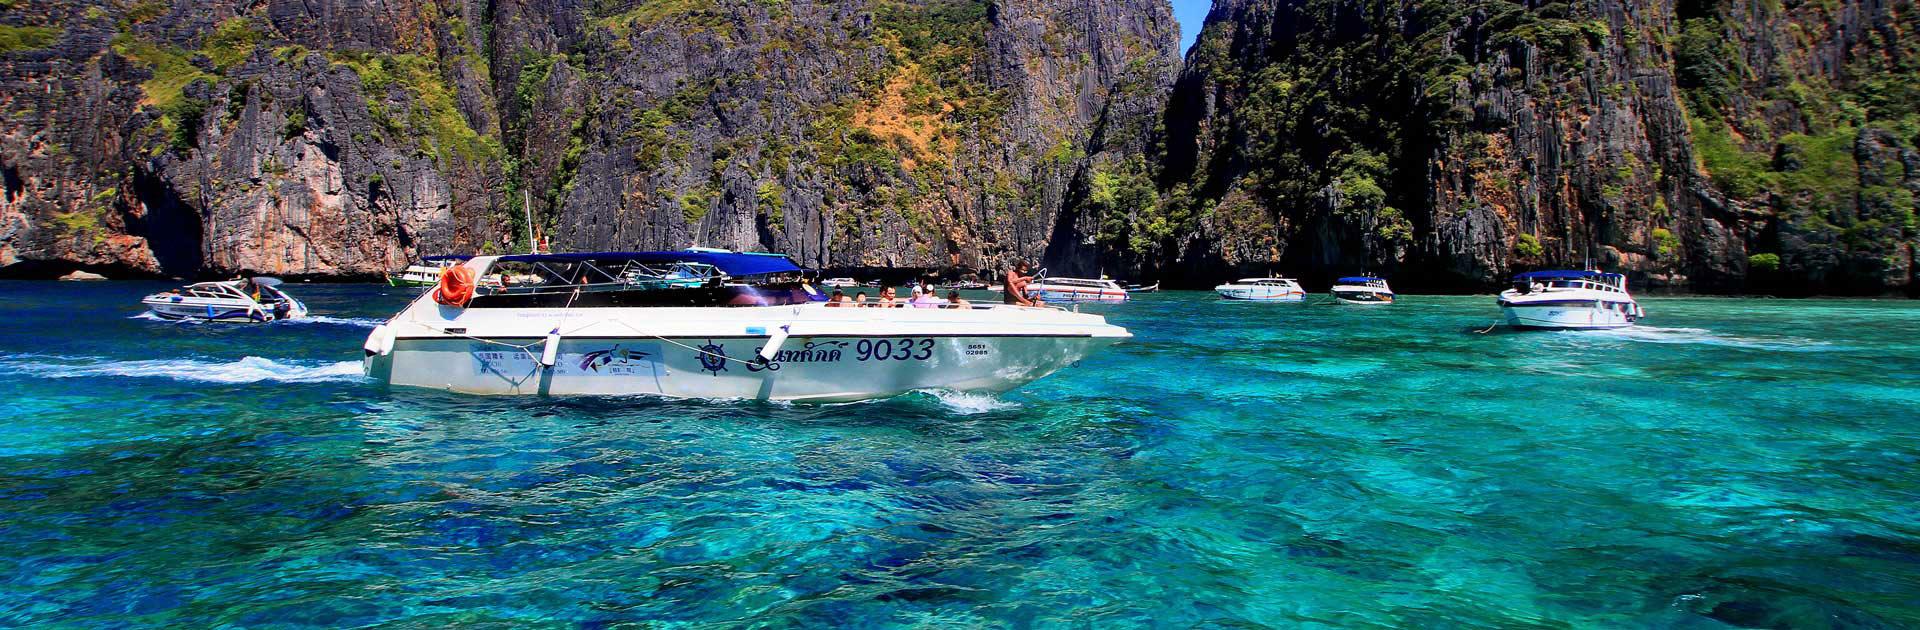 MYSGTH Capitales del Sudeste Asiático y Krabi 15 días 3